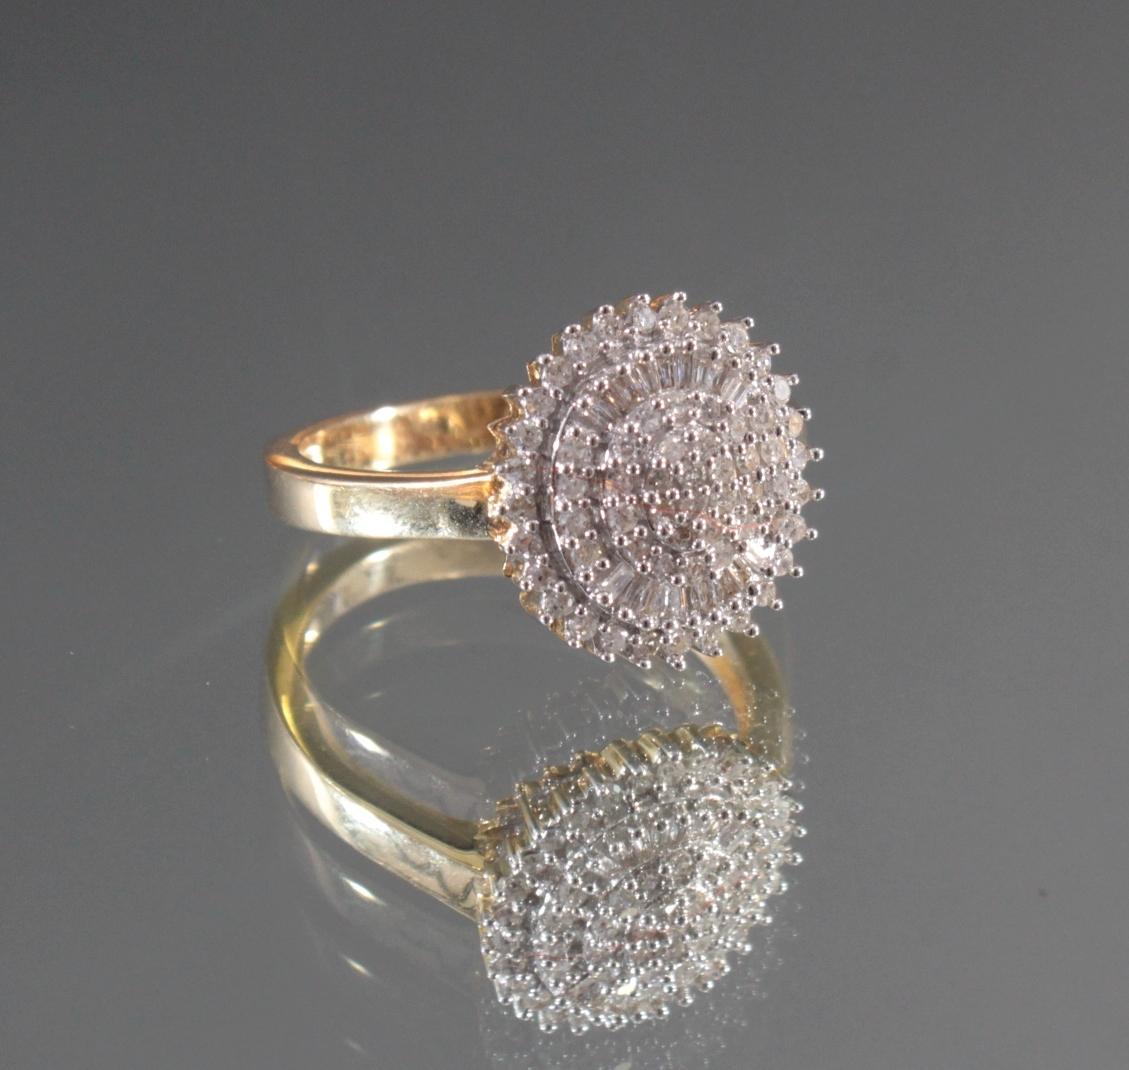 Damenring mit Diamanten aus 14 Karat Weiß- und Gelbgold-2